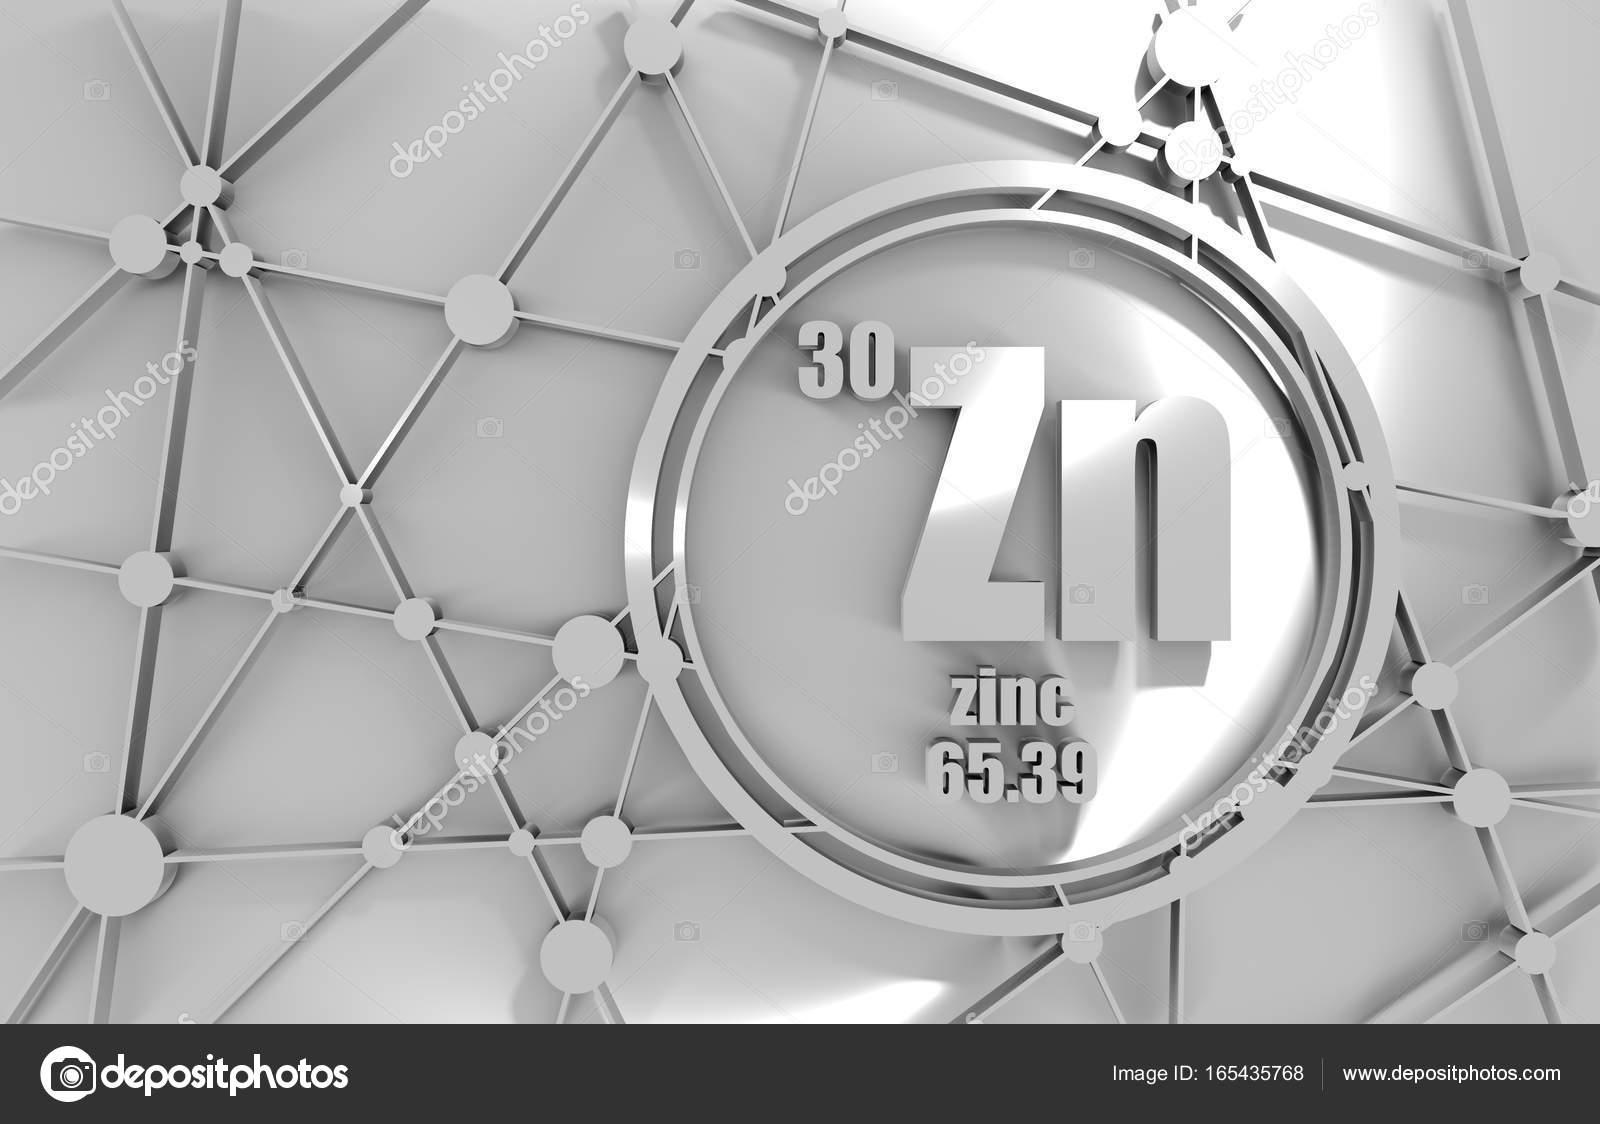 Elemento qumico del cinc foto de stock jegasra 165435768 elemento qumico del zinc firmar con el nmero atmico y peso atmico elemento qumico de tabla peridica molcula y el fondo de la comunicacin urtaz Images